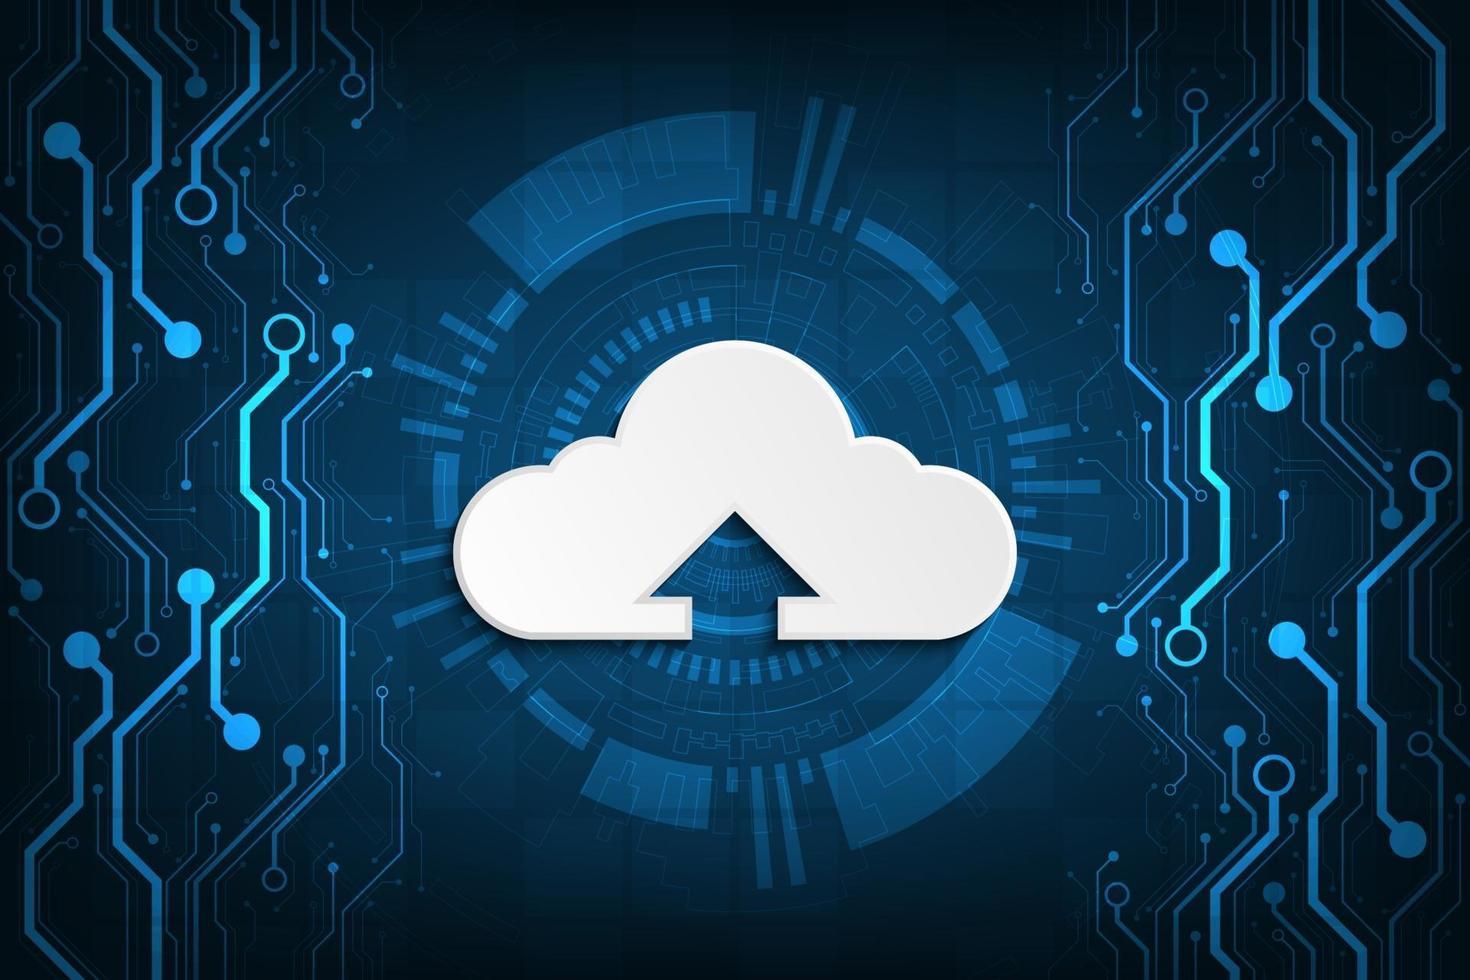 cloudnetwerk dat verschillende informatie uploadt via digitale systemen. vector